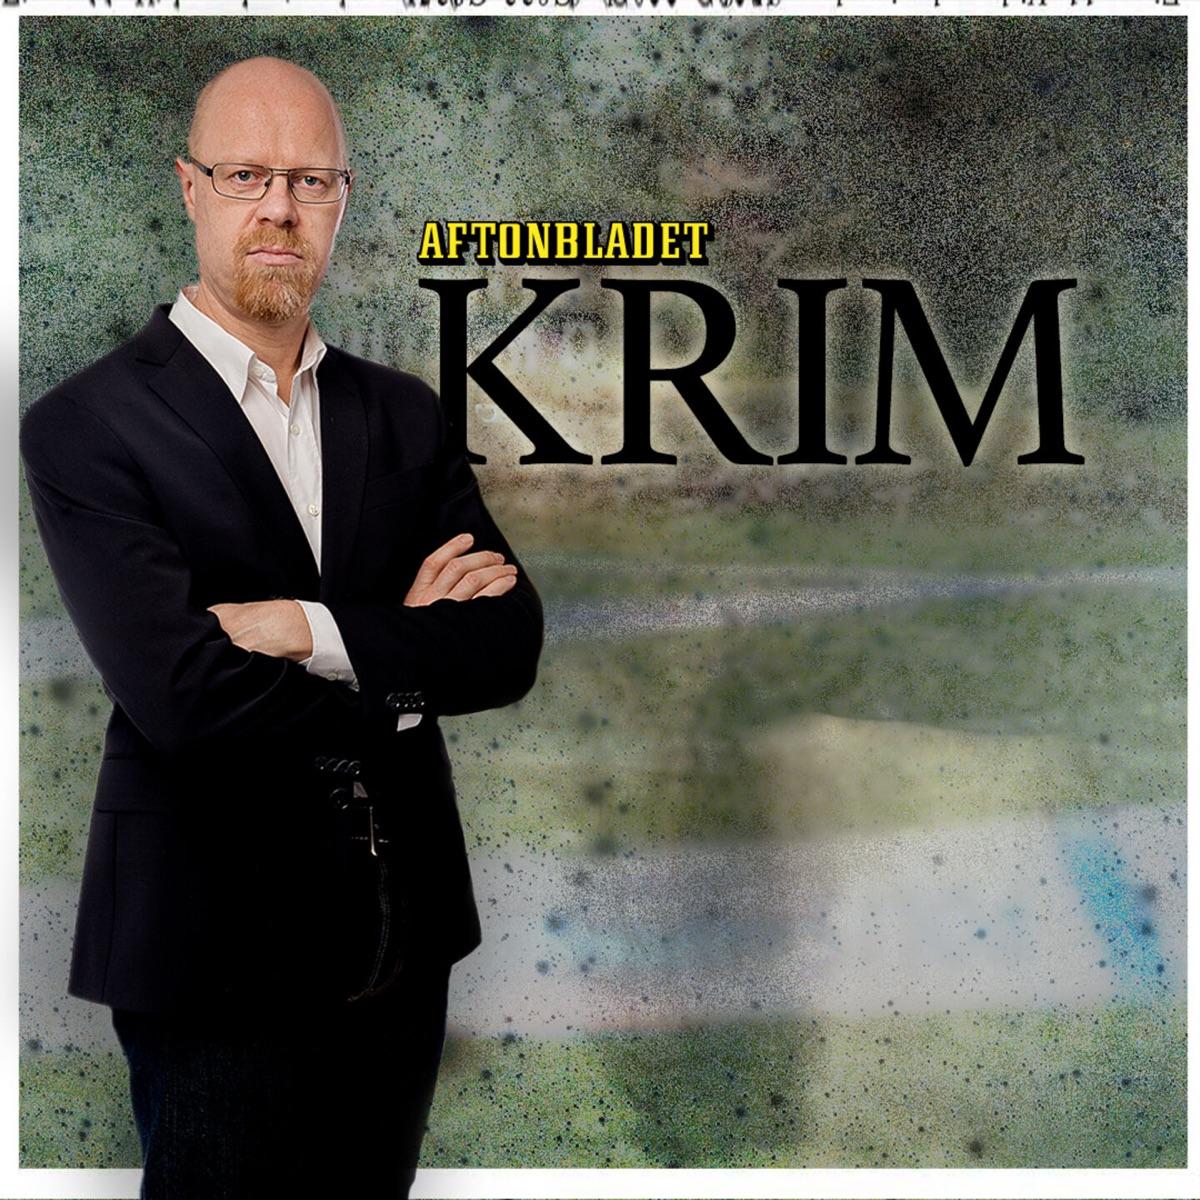 Aftonbladet Krim